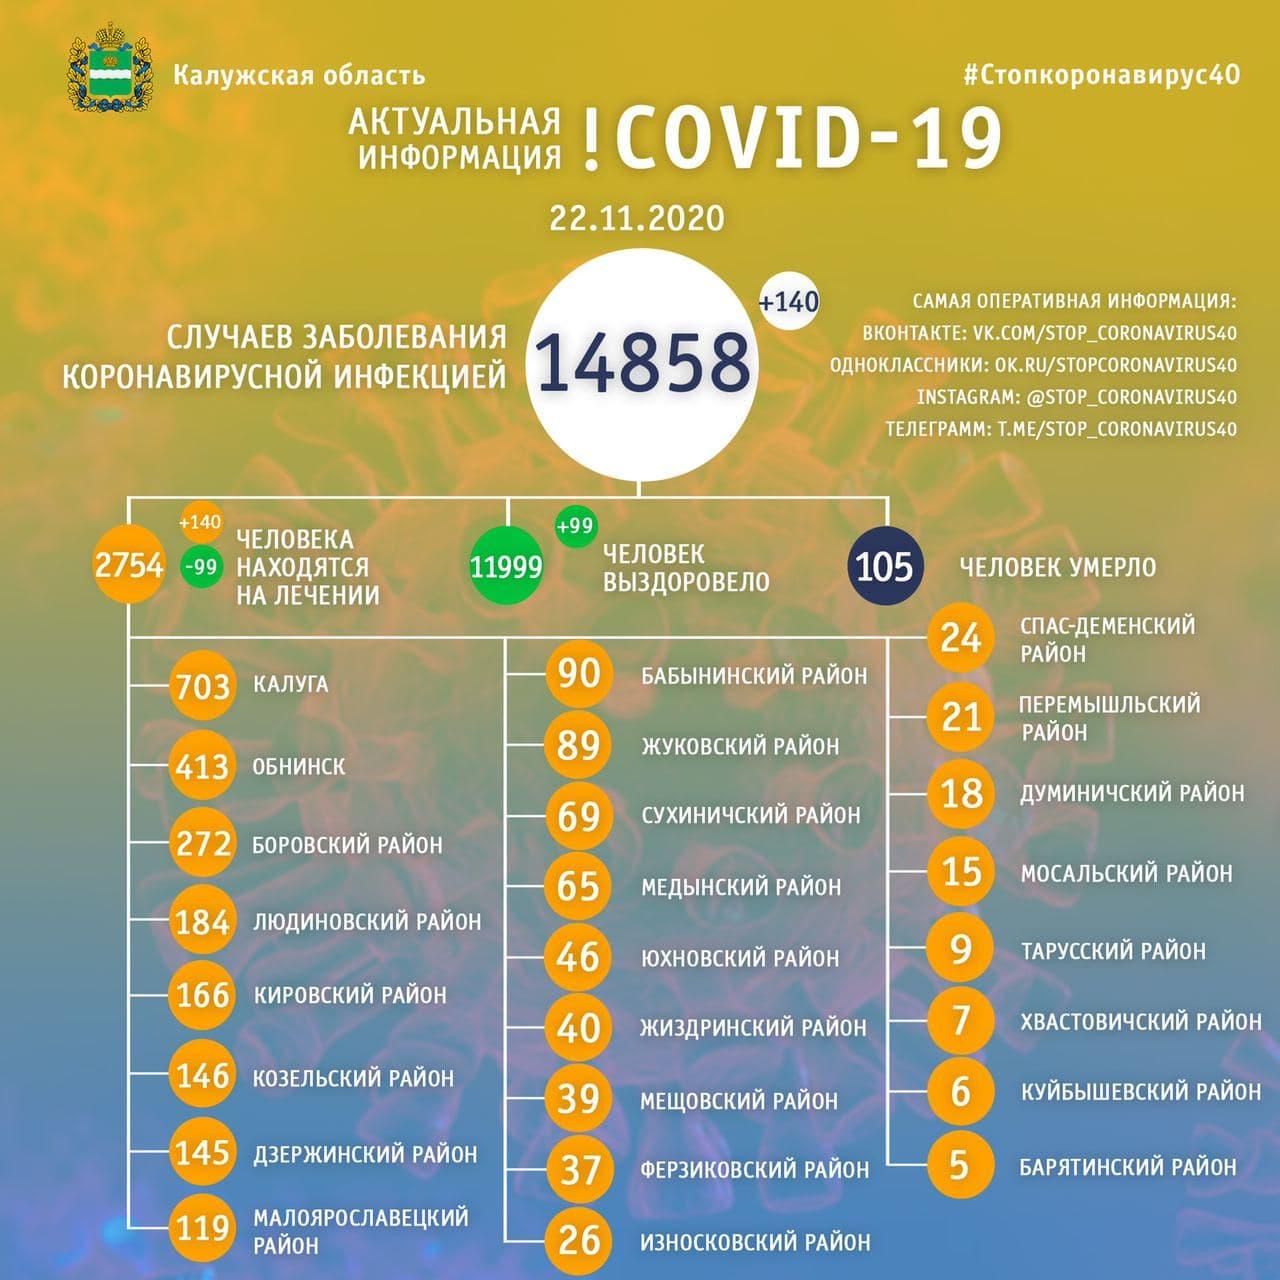 Официальная статистика по коронавирусу в Калужской области на 22 ноября 2020 года.